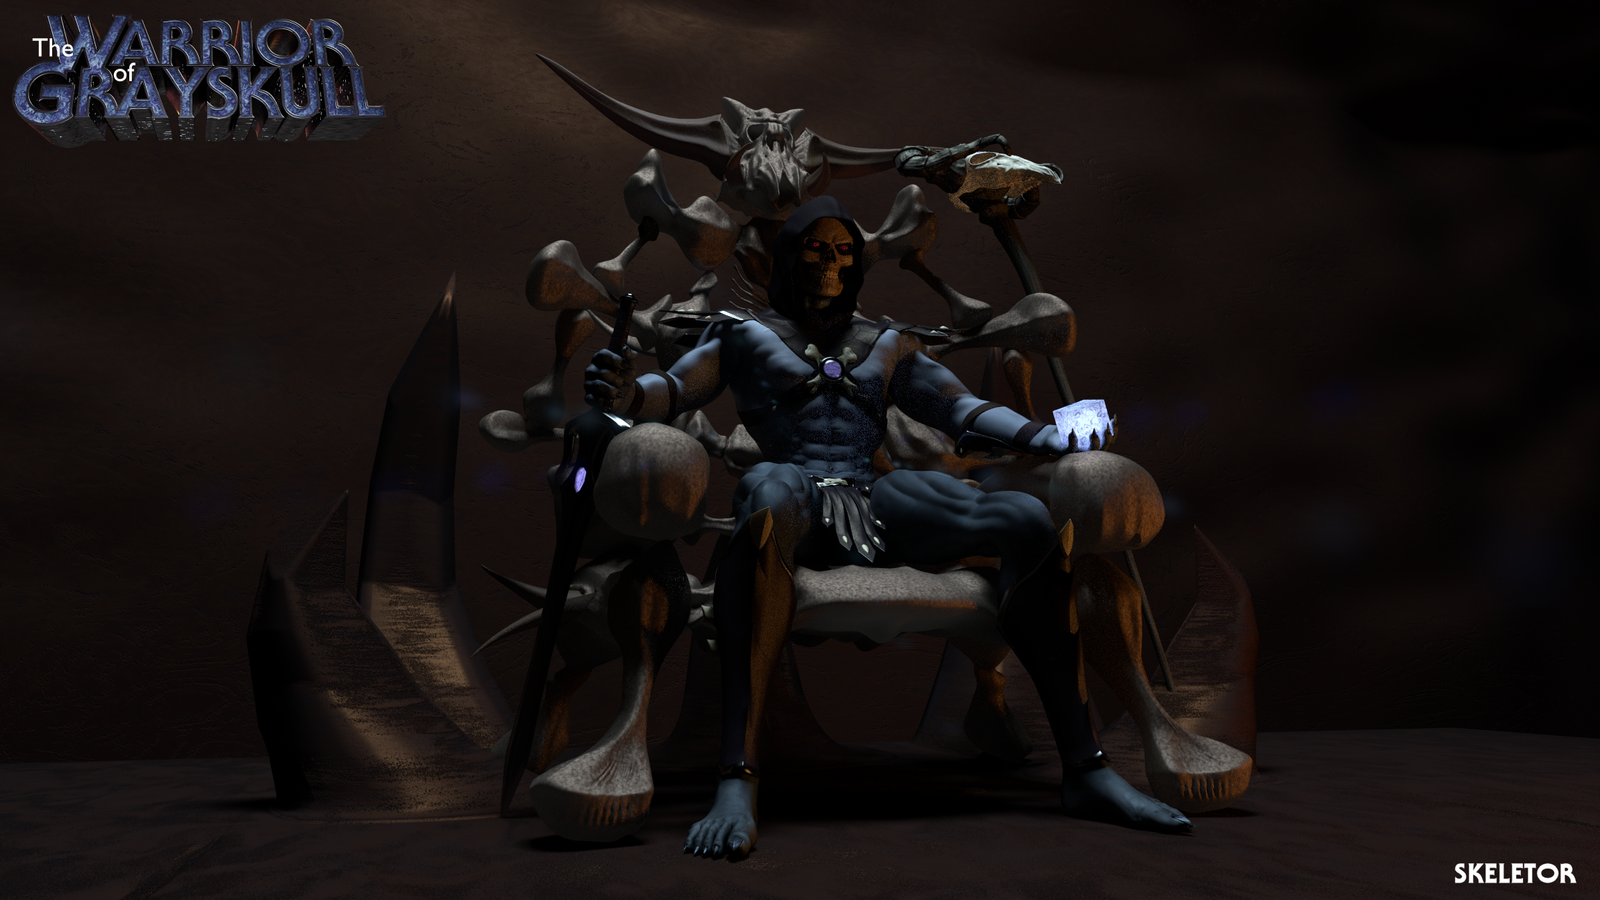 MOTU - Skeletor Enthroned 1 by paulrich